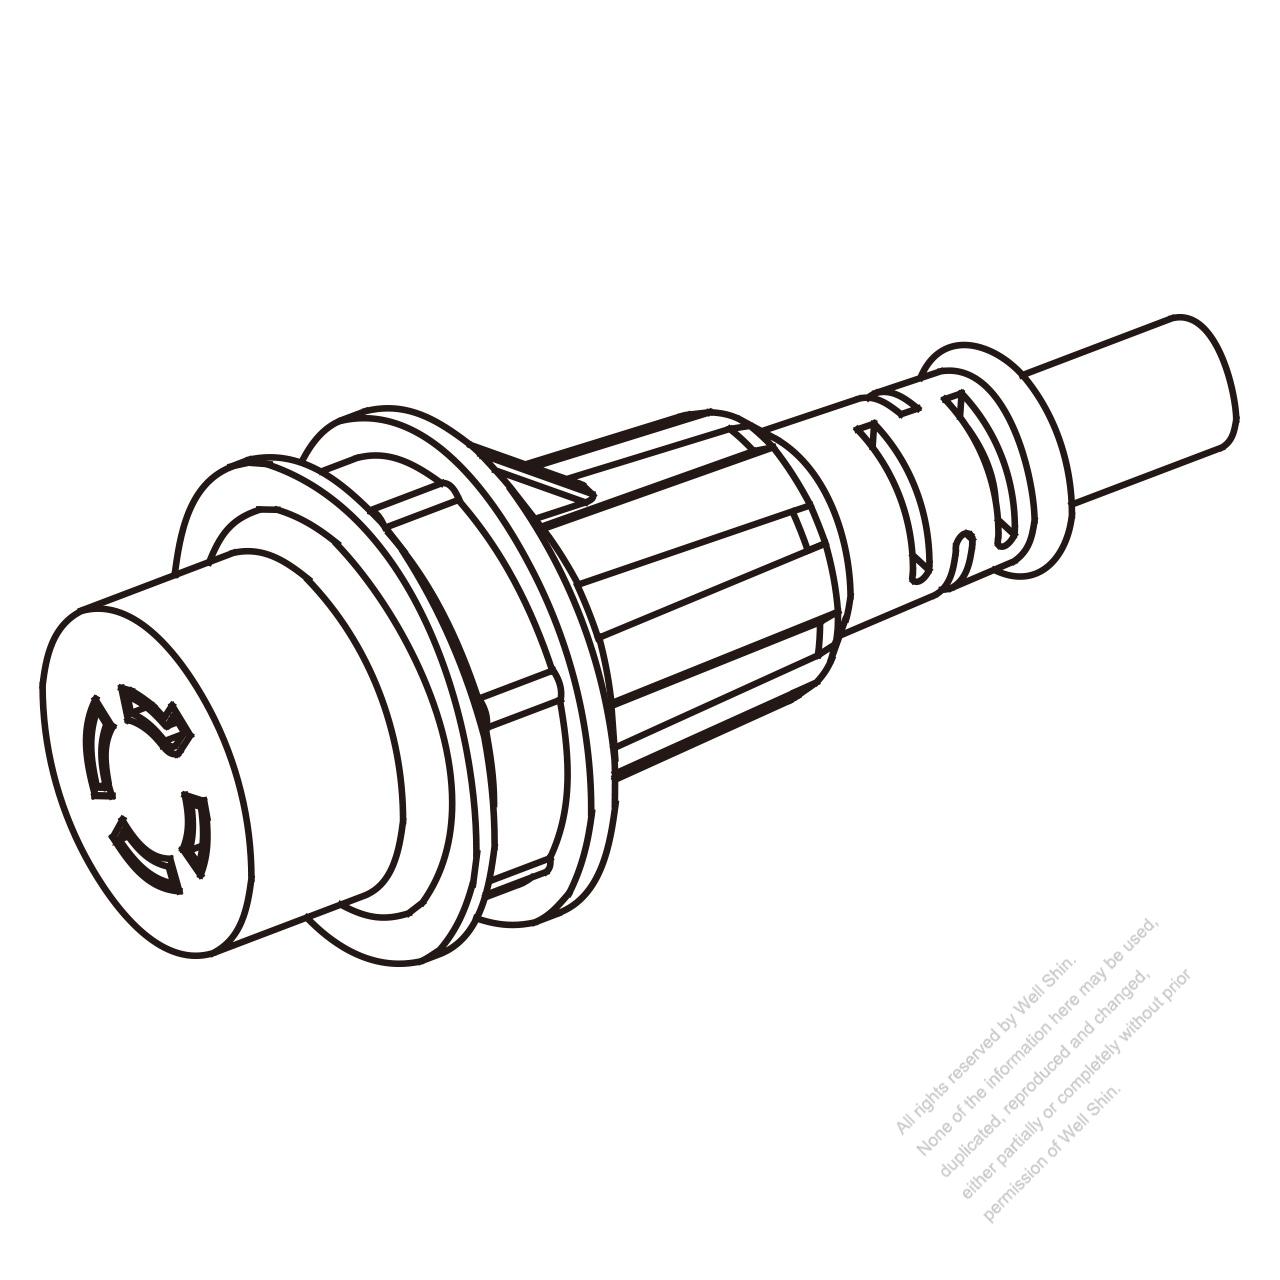 B0b67e56ac4a1913ba3HH7 nema l14 30 wiring diagram 6 on nema l14 30 wiring diagram